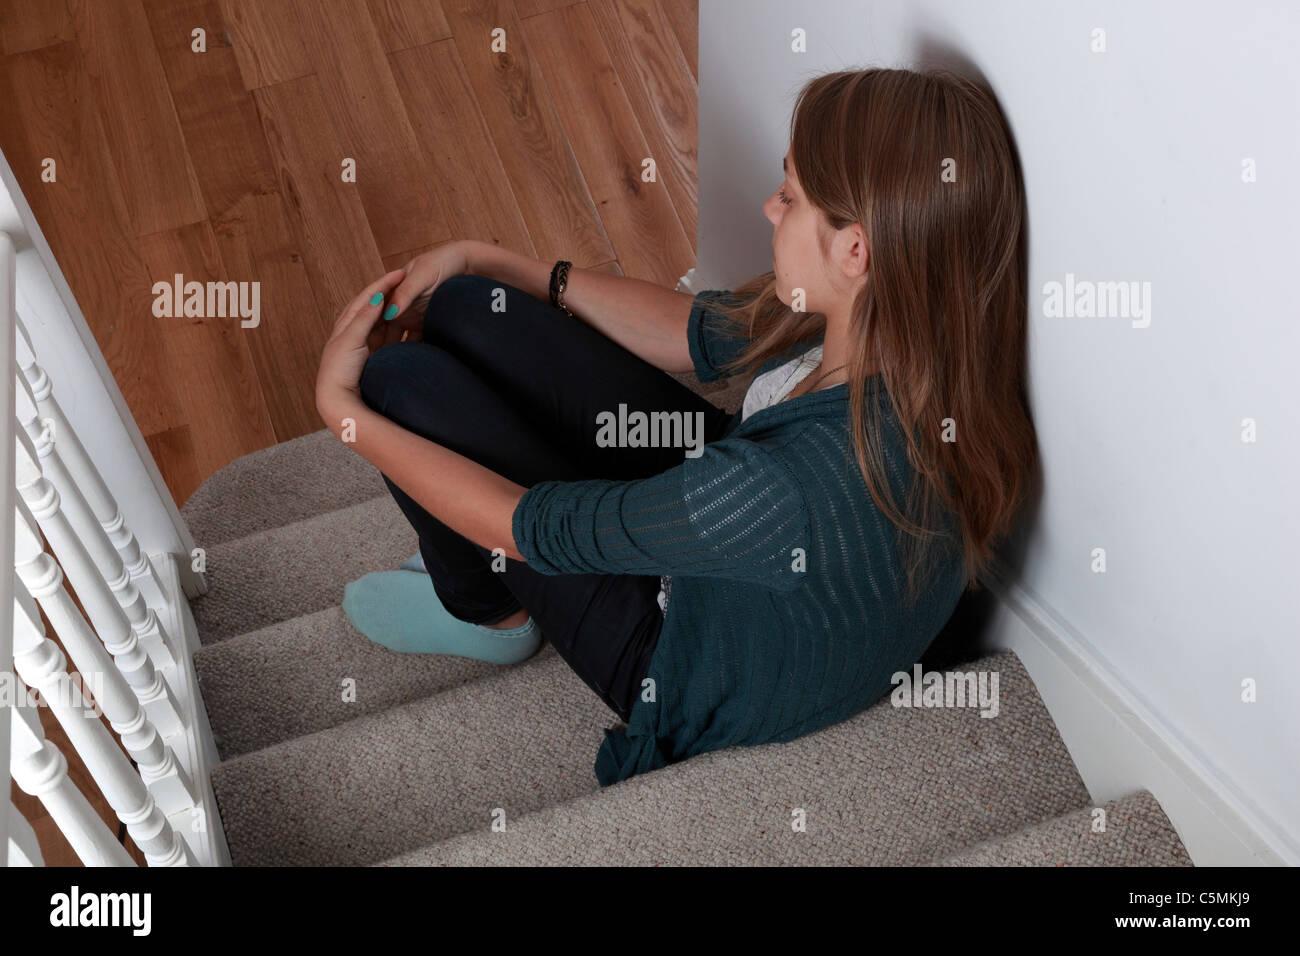 Junge Frauen sitzen allein auf Schritte, allein und suchen etwas traurig - Stock Image